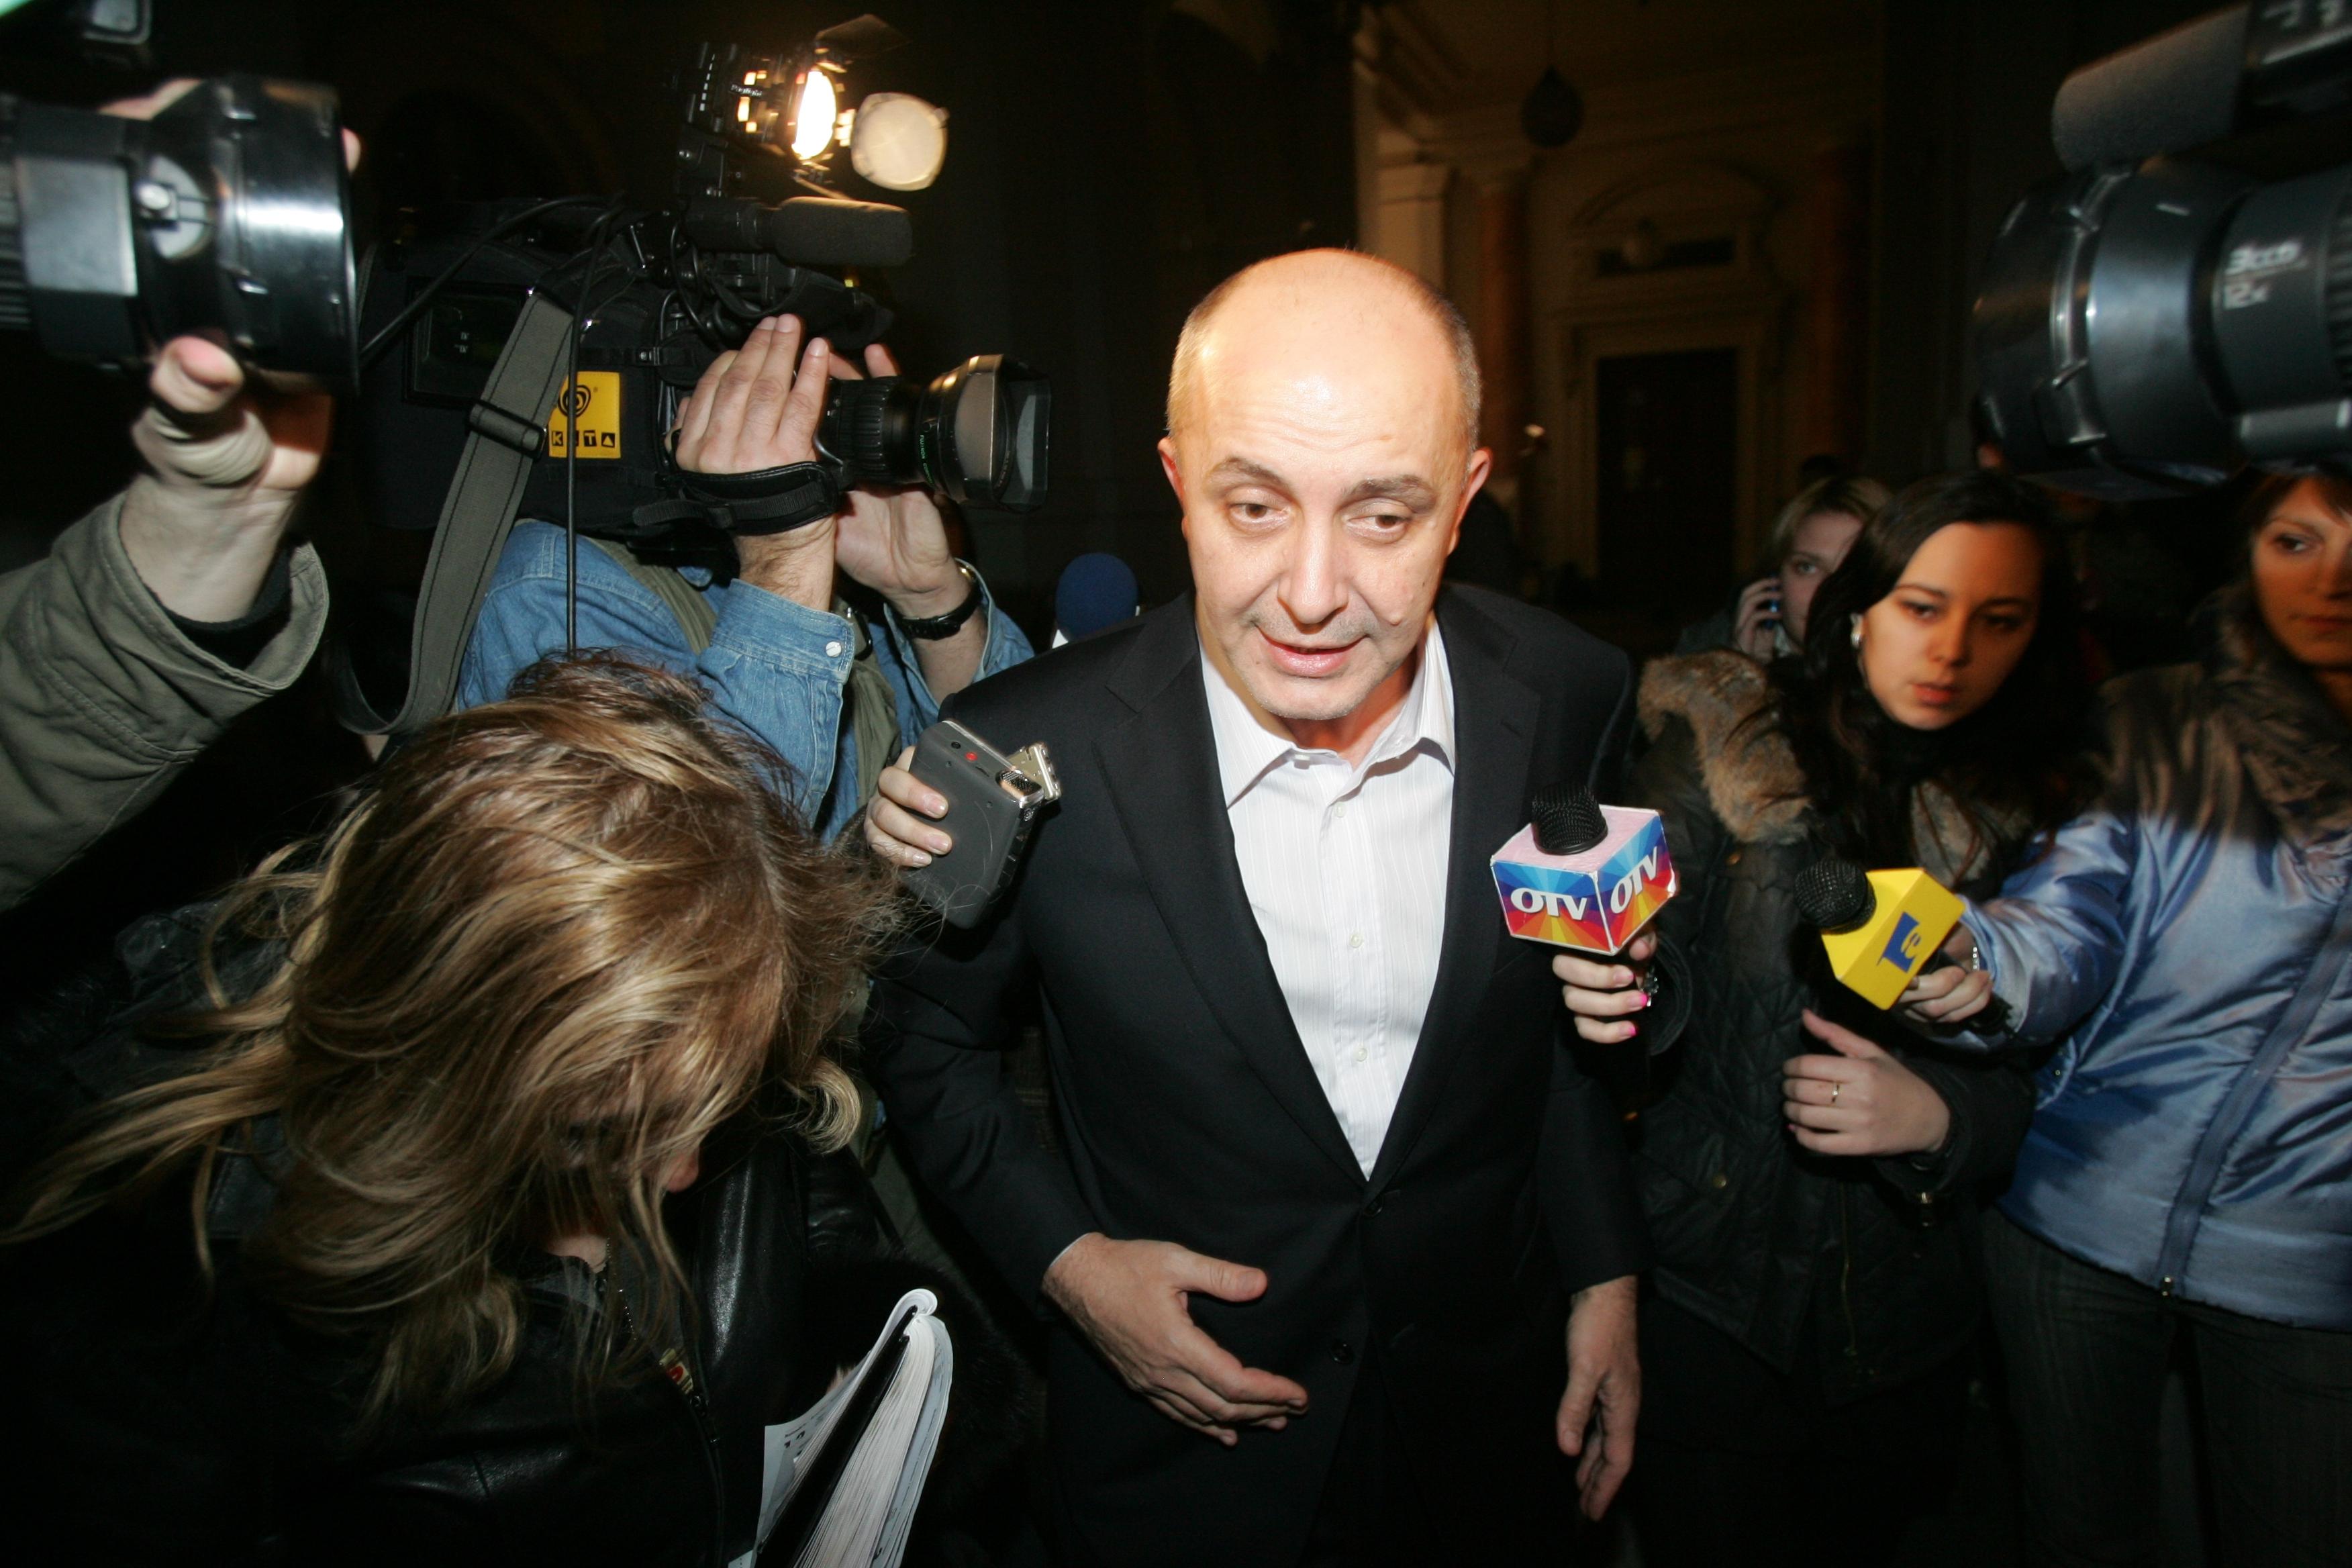 Gabriel Popoviciu a fost reţinut la Londra. UPDATE: Omul de afaceri a mers la secţia de poliţie, alături de avocatul său